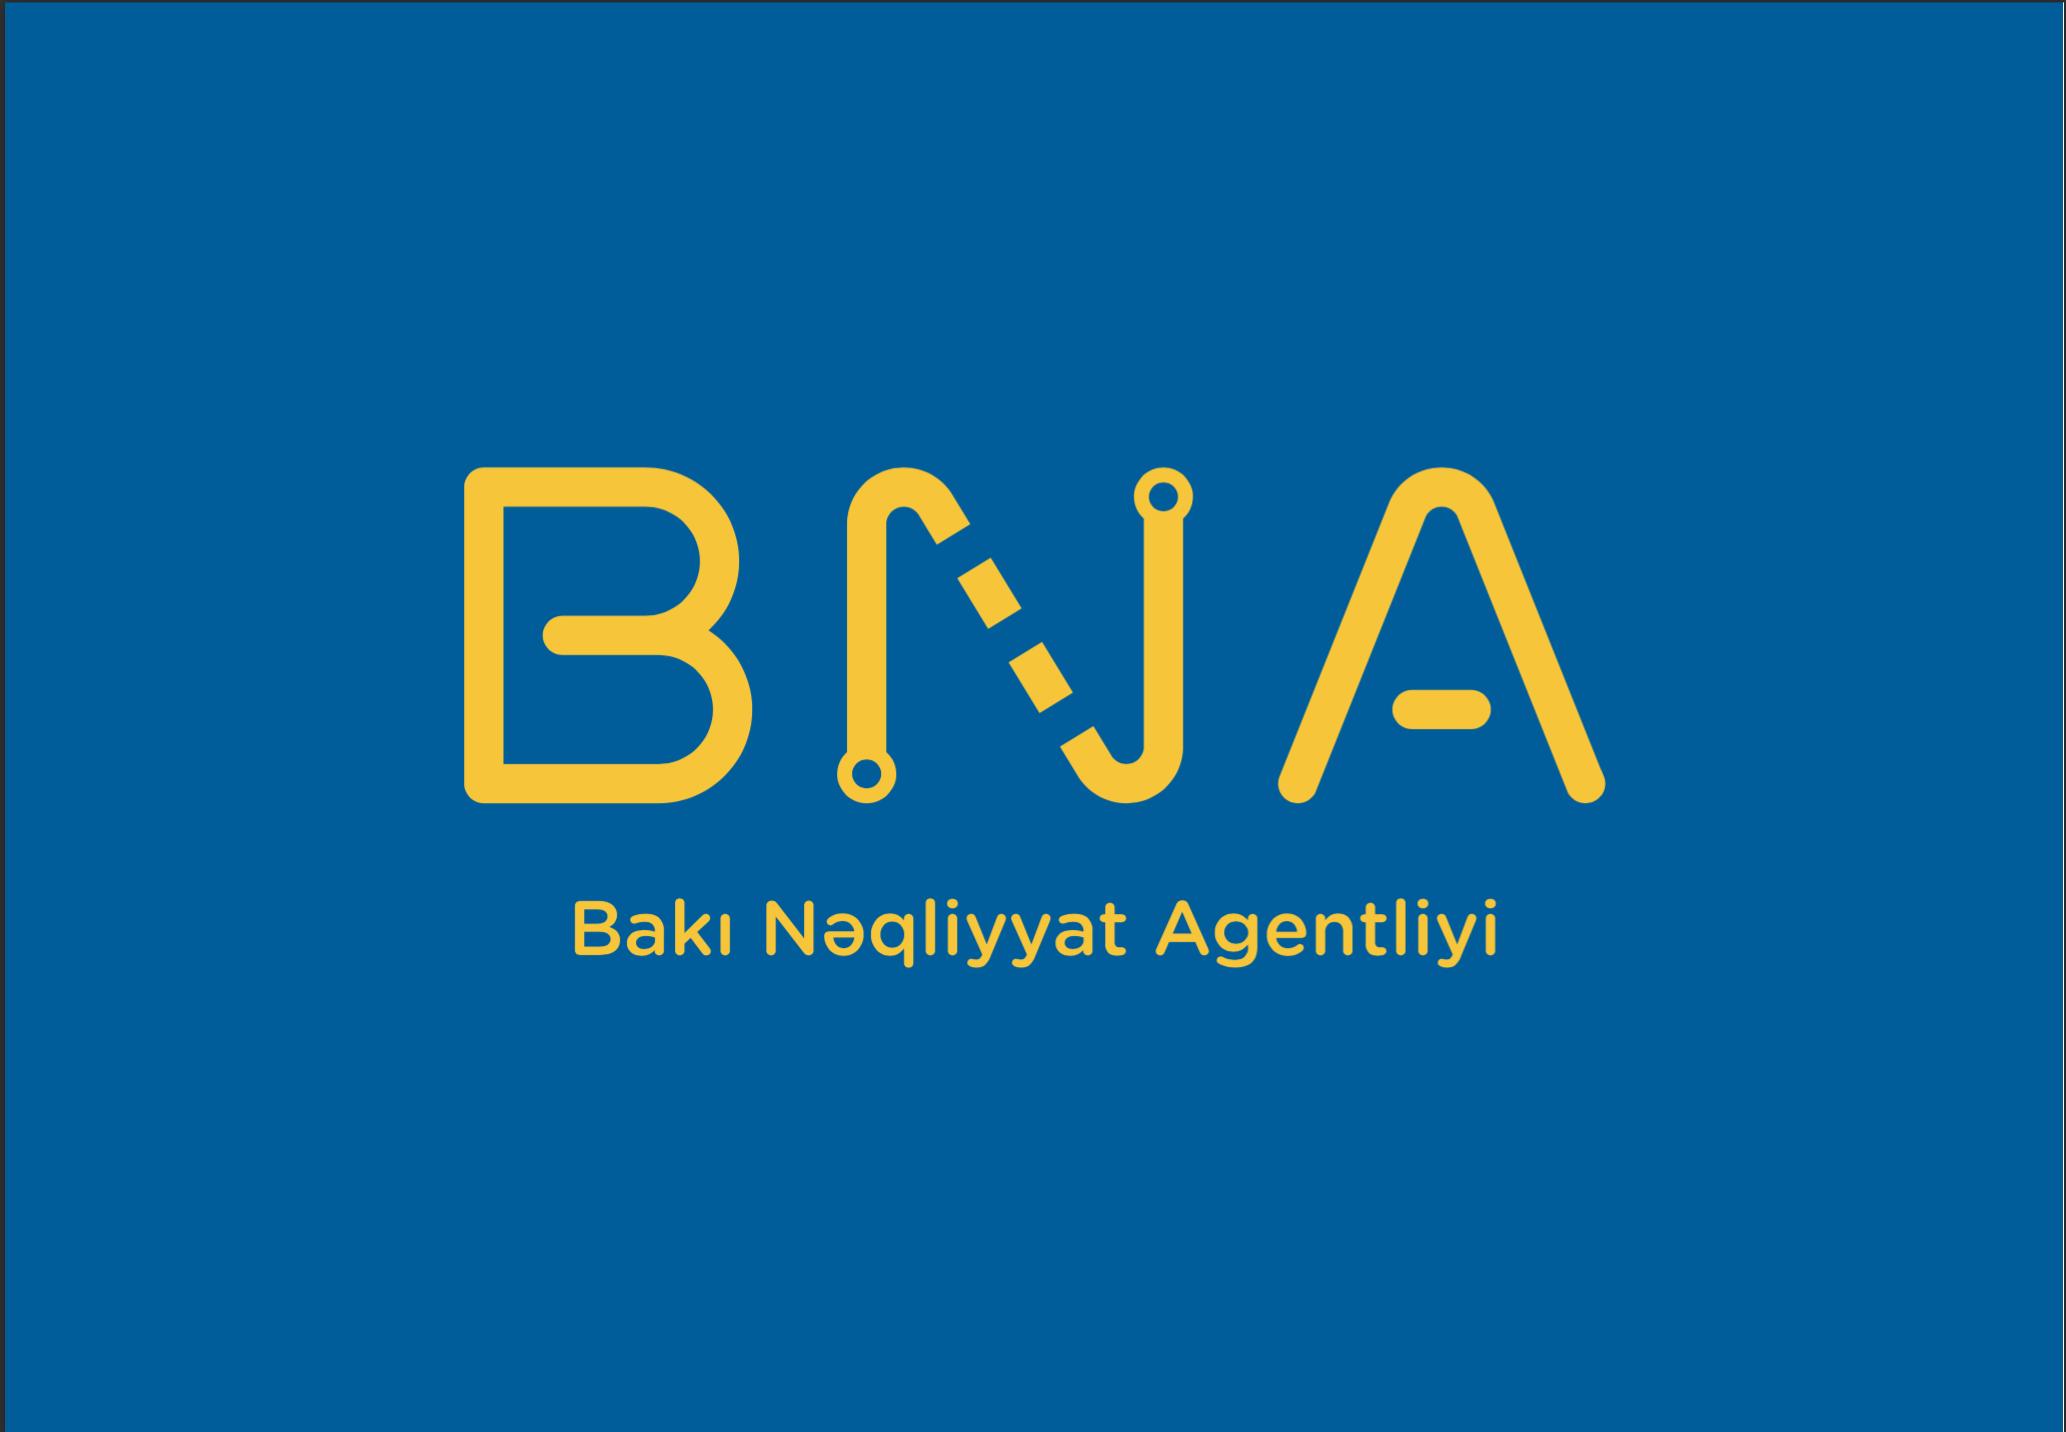 <p><strong>Bu dəfə Bakı Nəqliyyat Agentliyinin &ouml;z&uuml;n&uuml; cərimələdilər</strong></p>